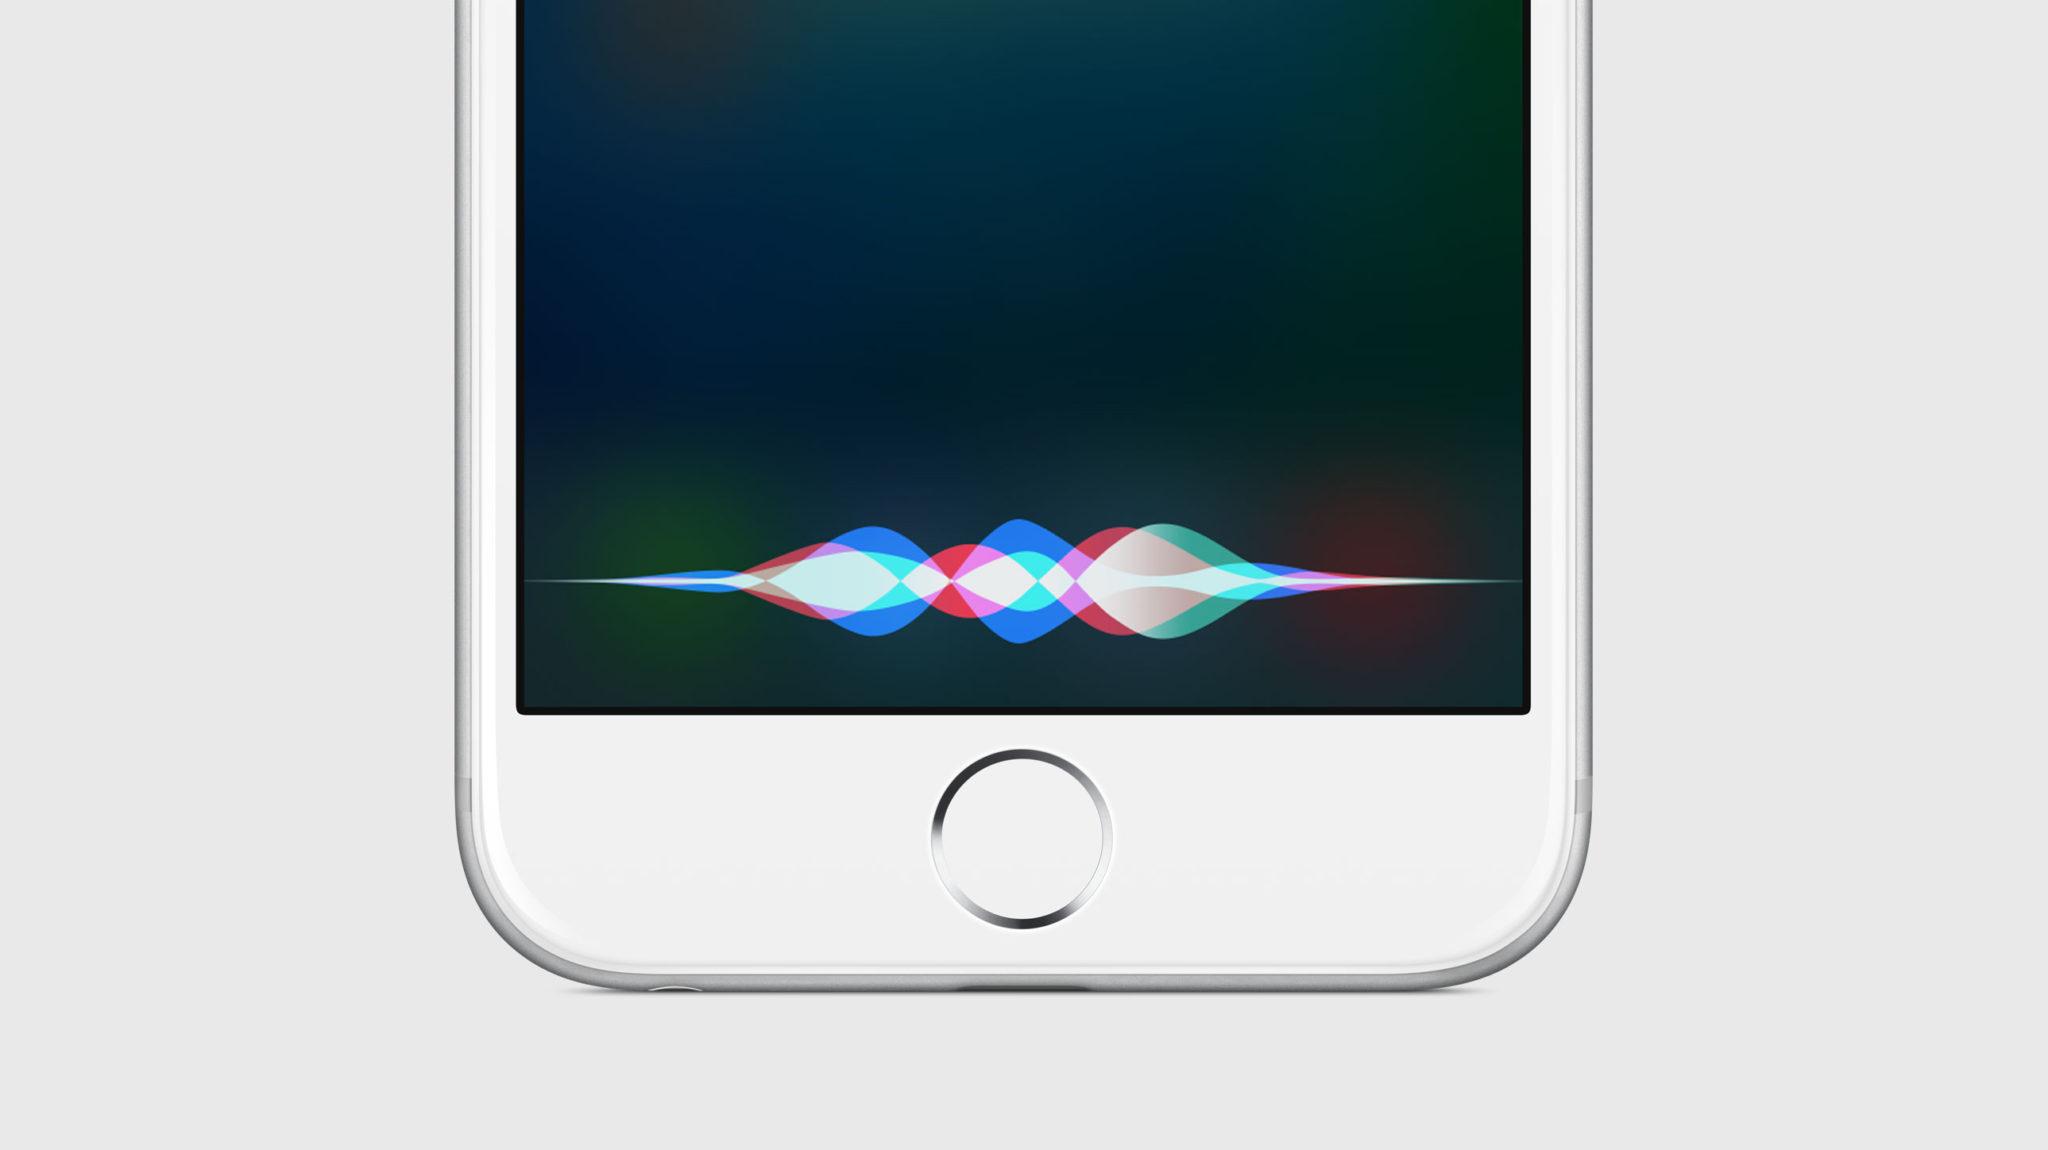 Apple údajně pracuje na vylepšené Siri pro nové iPhony